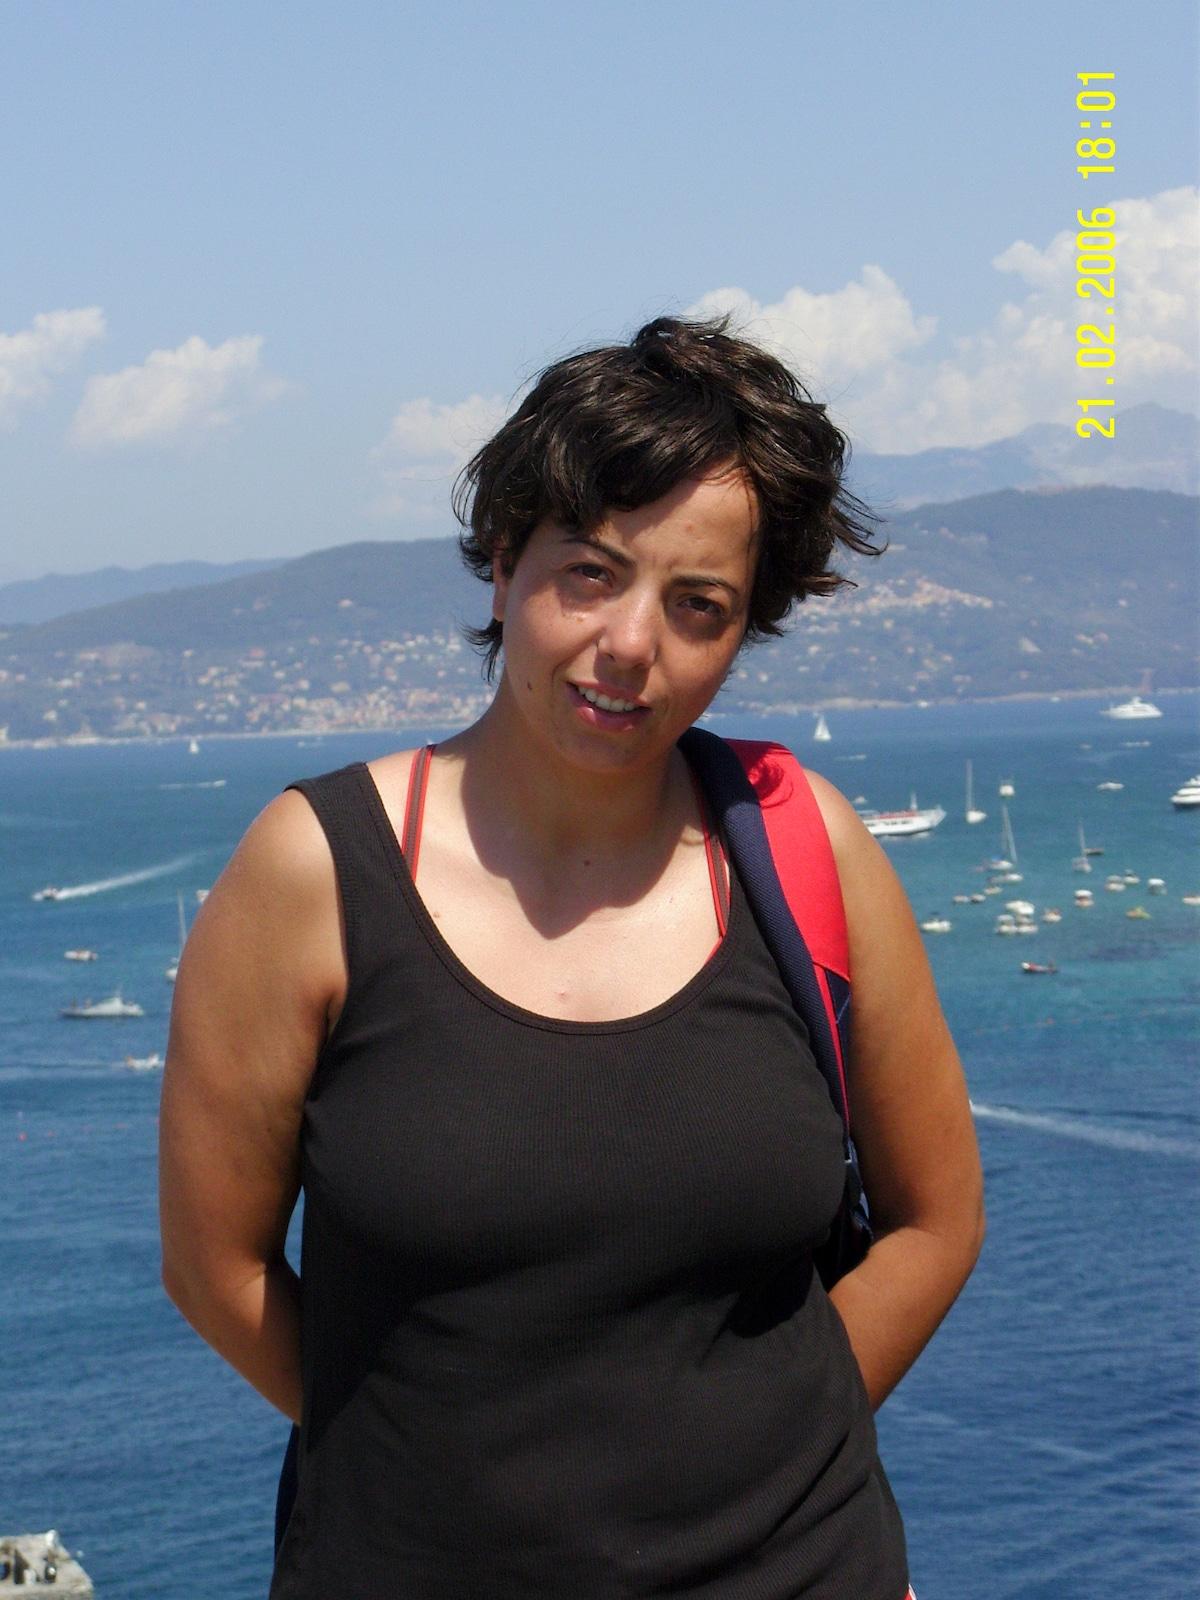 Ilaria From Monte Migliore-la Selvotta, Italy